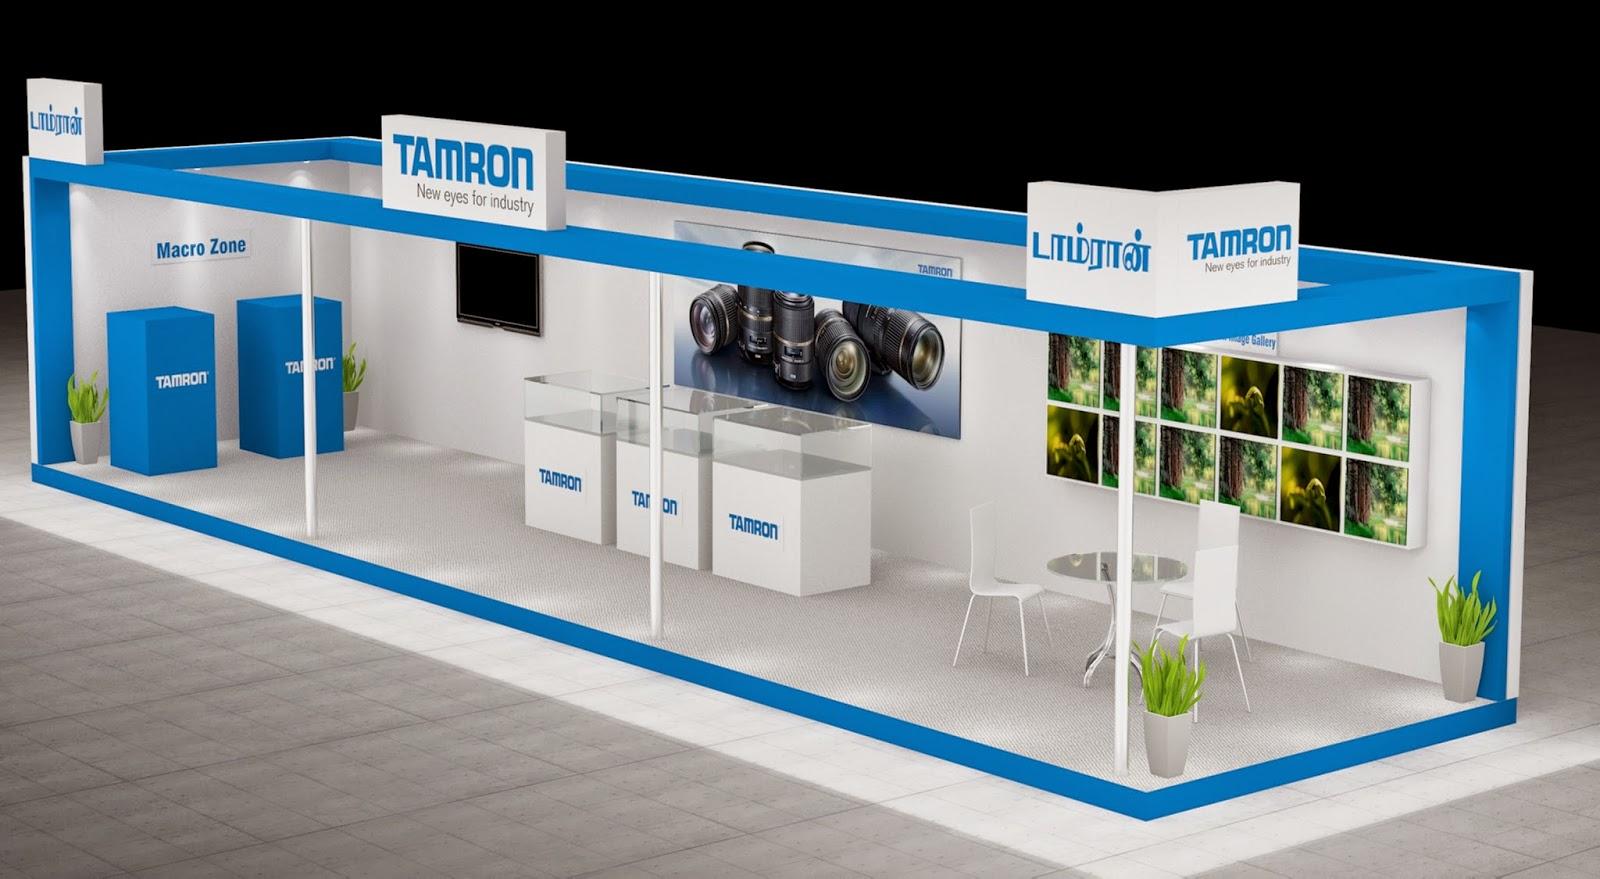 3d Exhibition Stall Design : Saravanan designs tamron exhibition d stall design